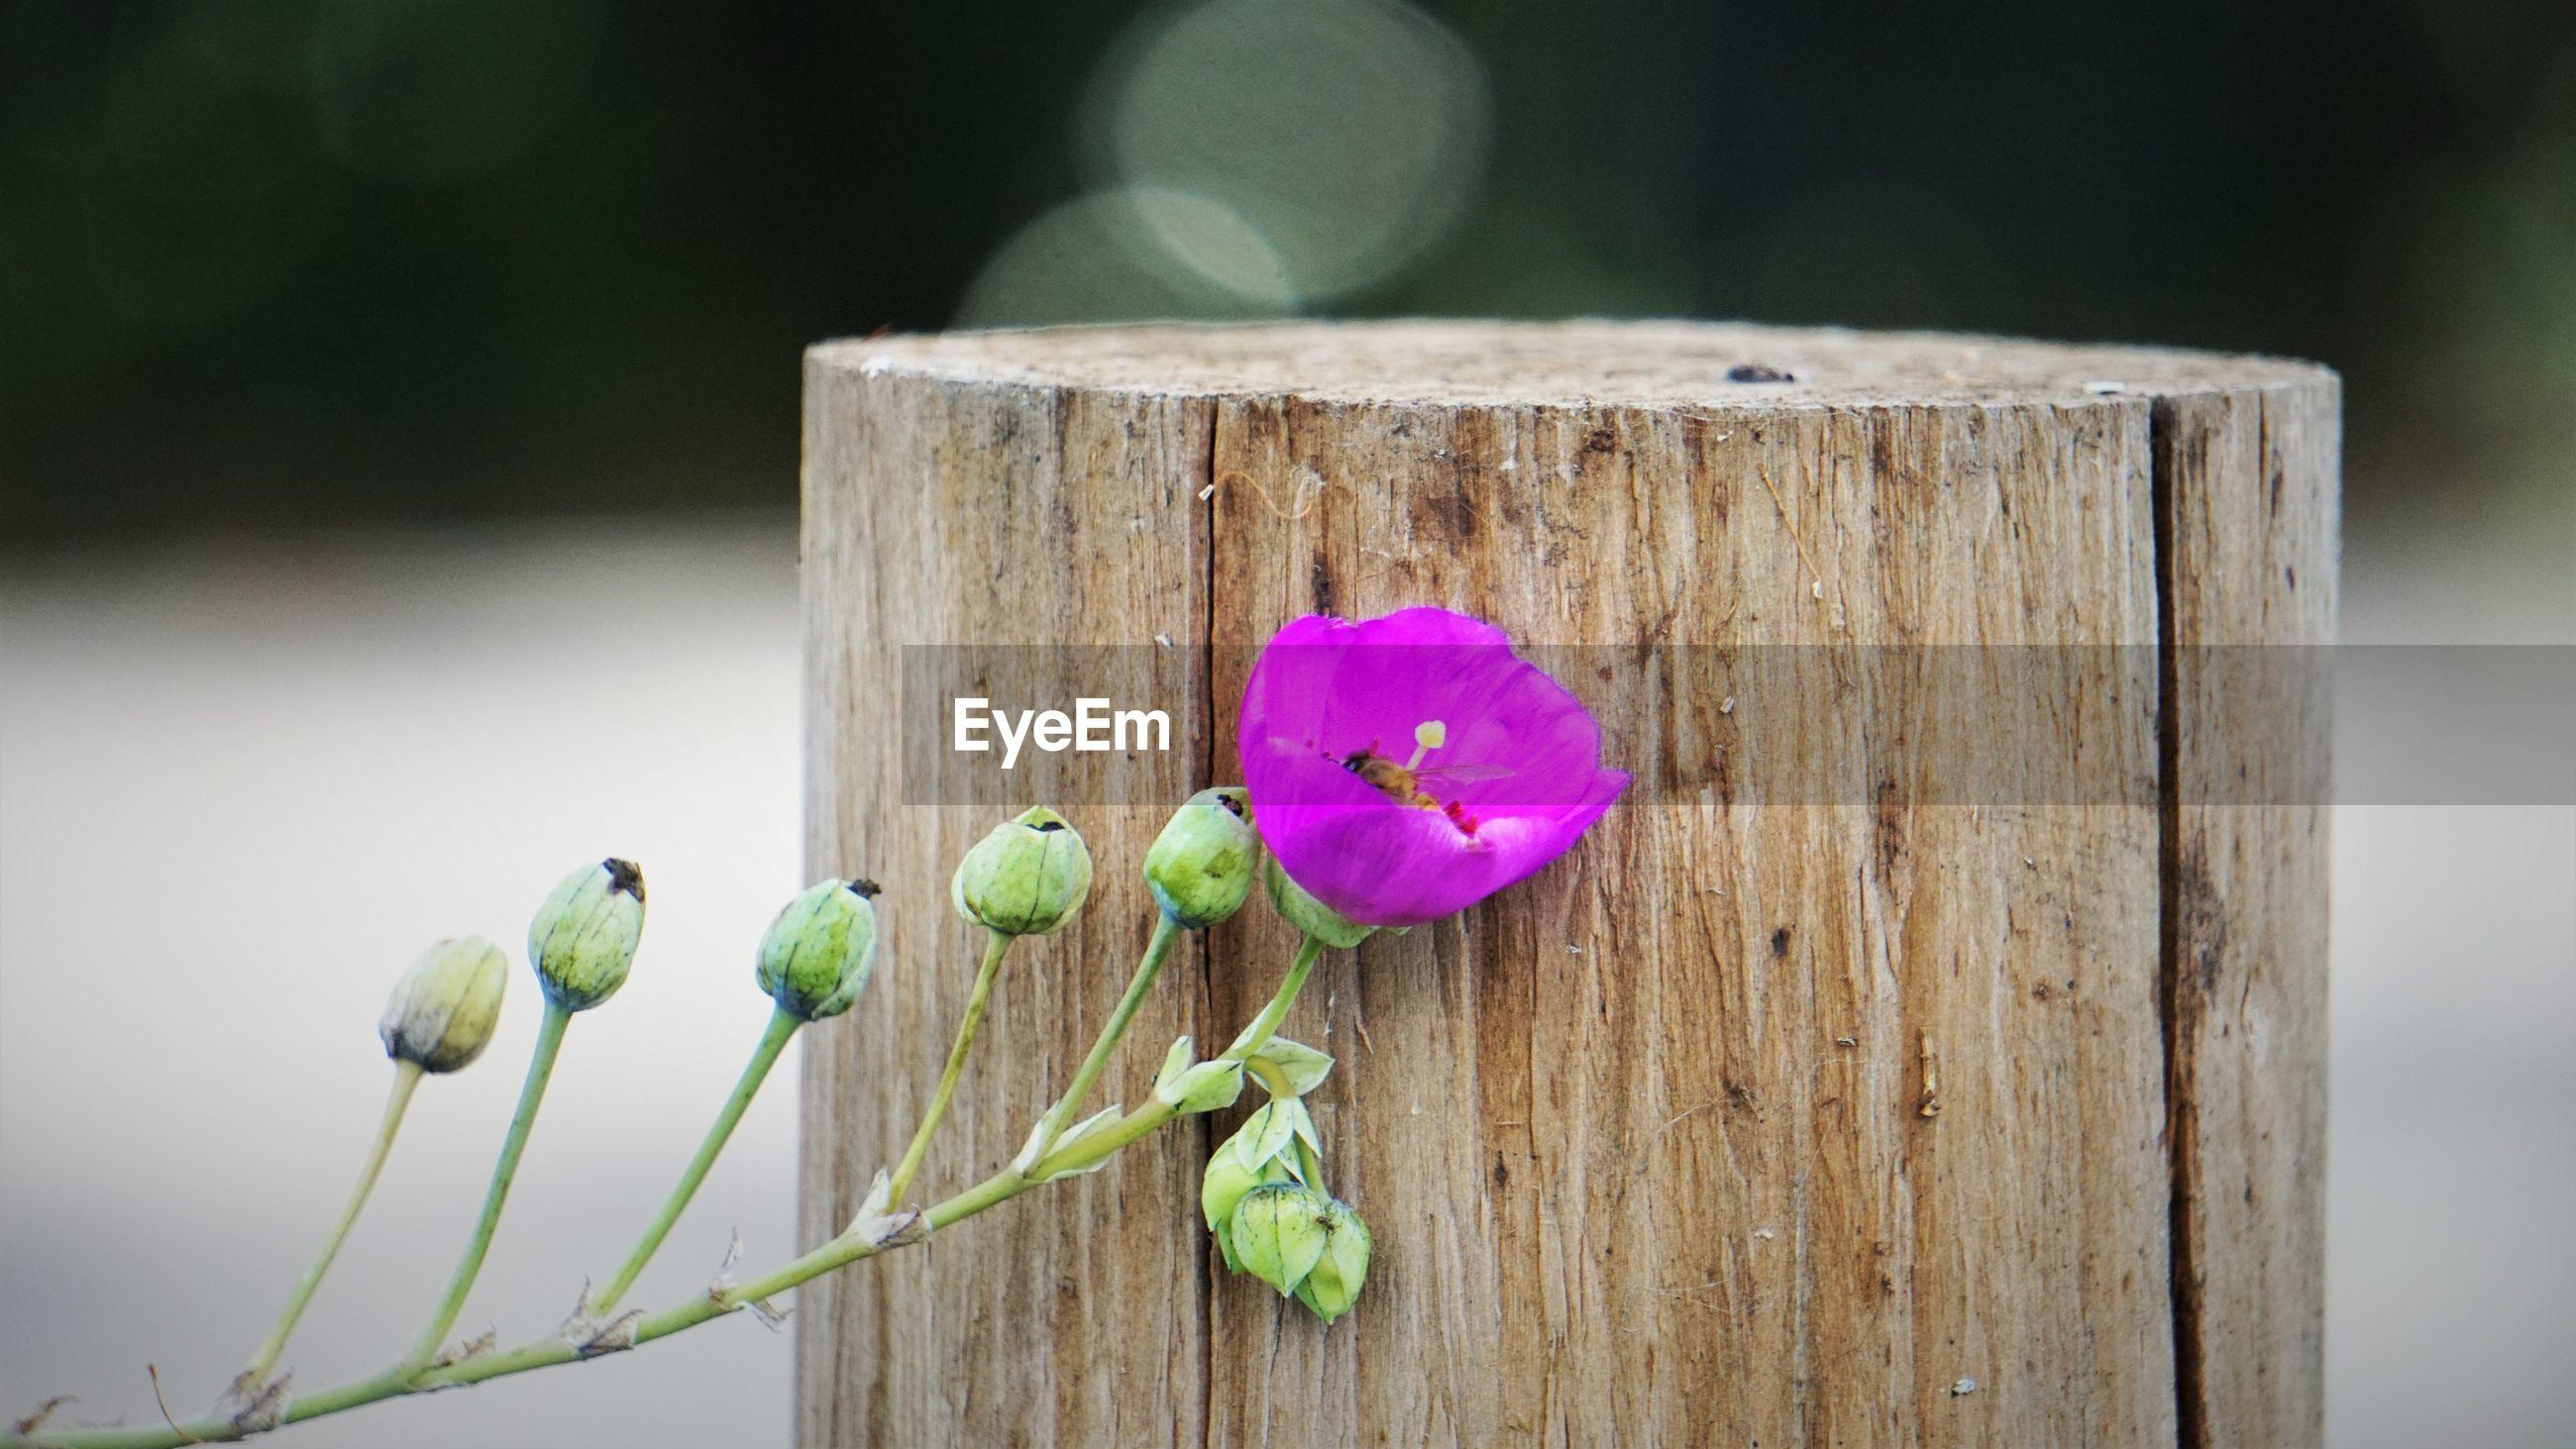 Delicate yet fierce succulent flower